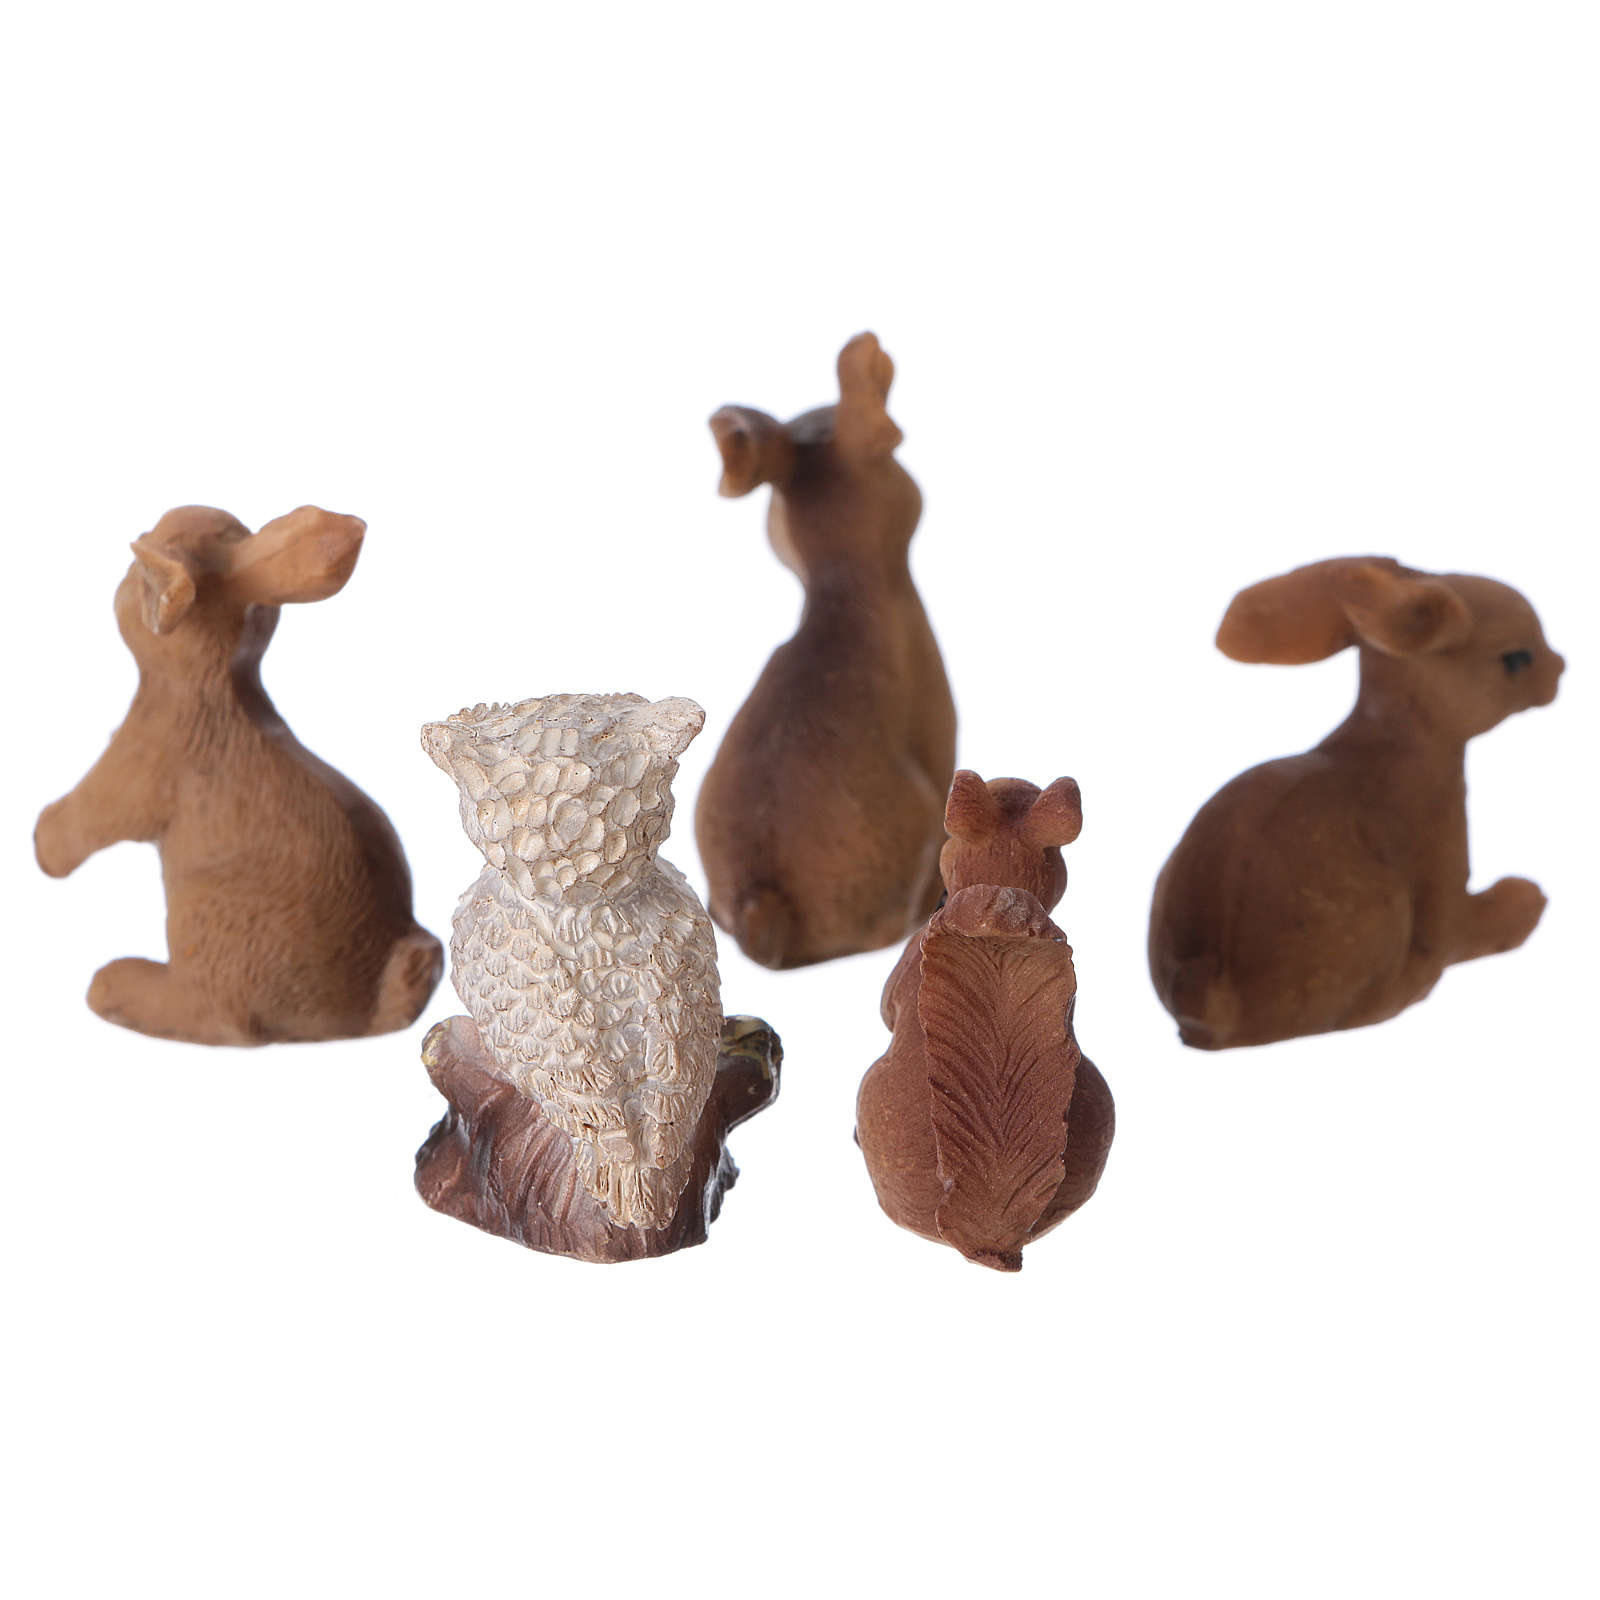 Animali della foresta 5 pezzi per presepe di 11-12 cm 3